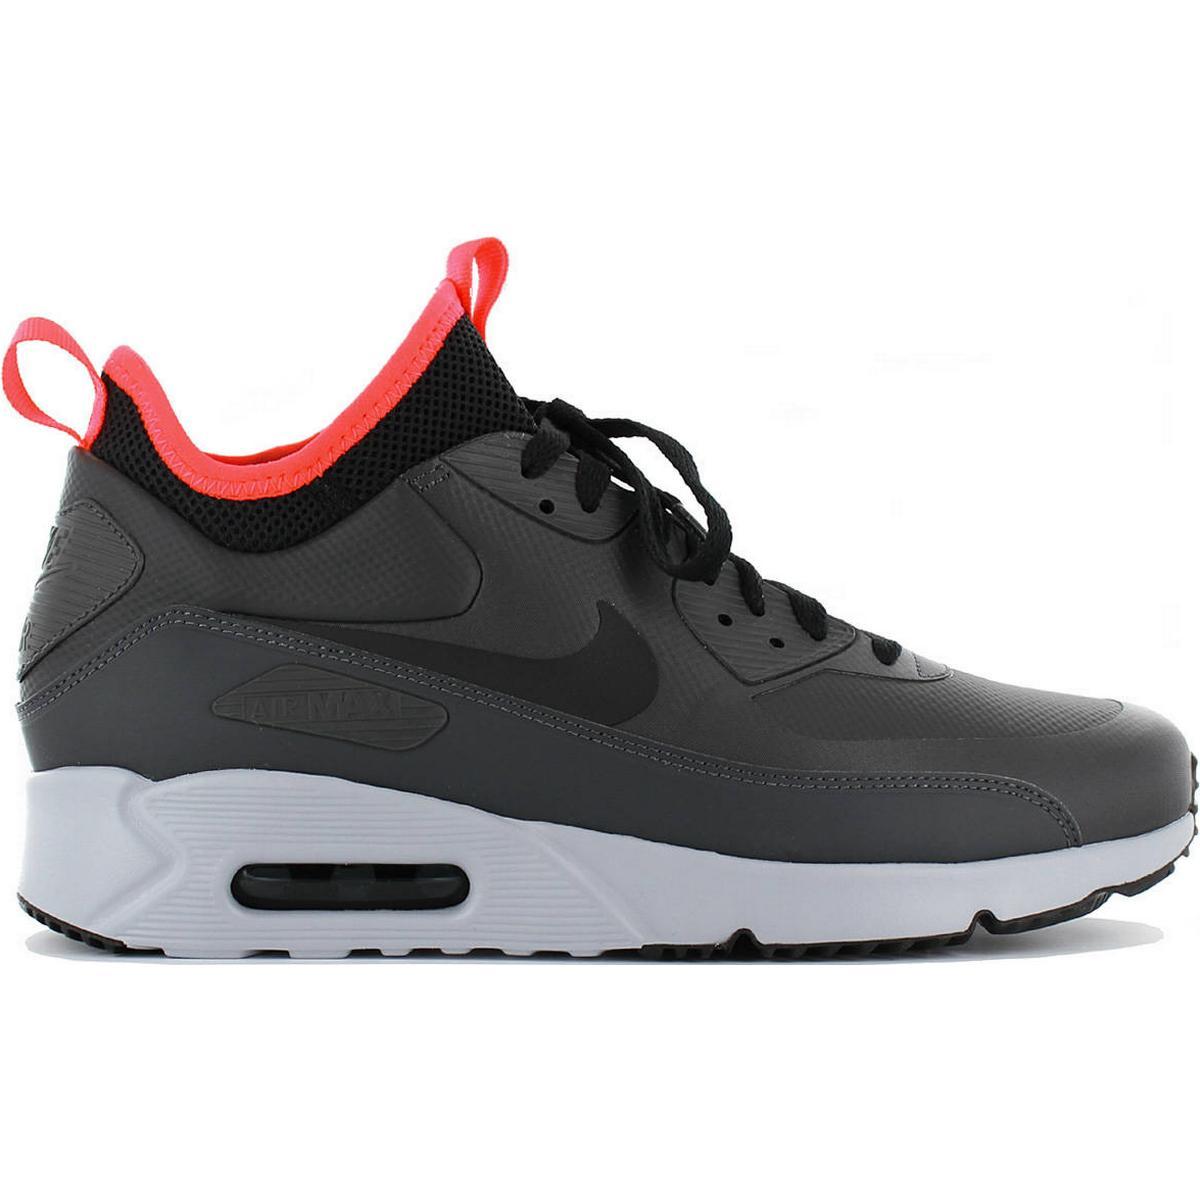 Nike winter • Hitta lägsta pris hos PriceRunner och spar